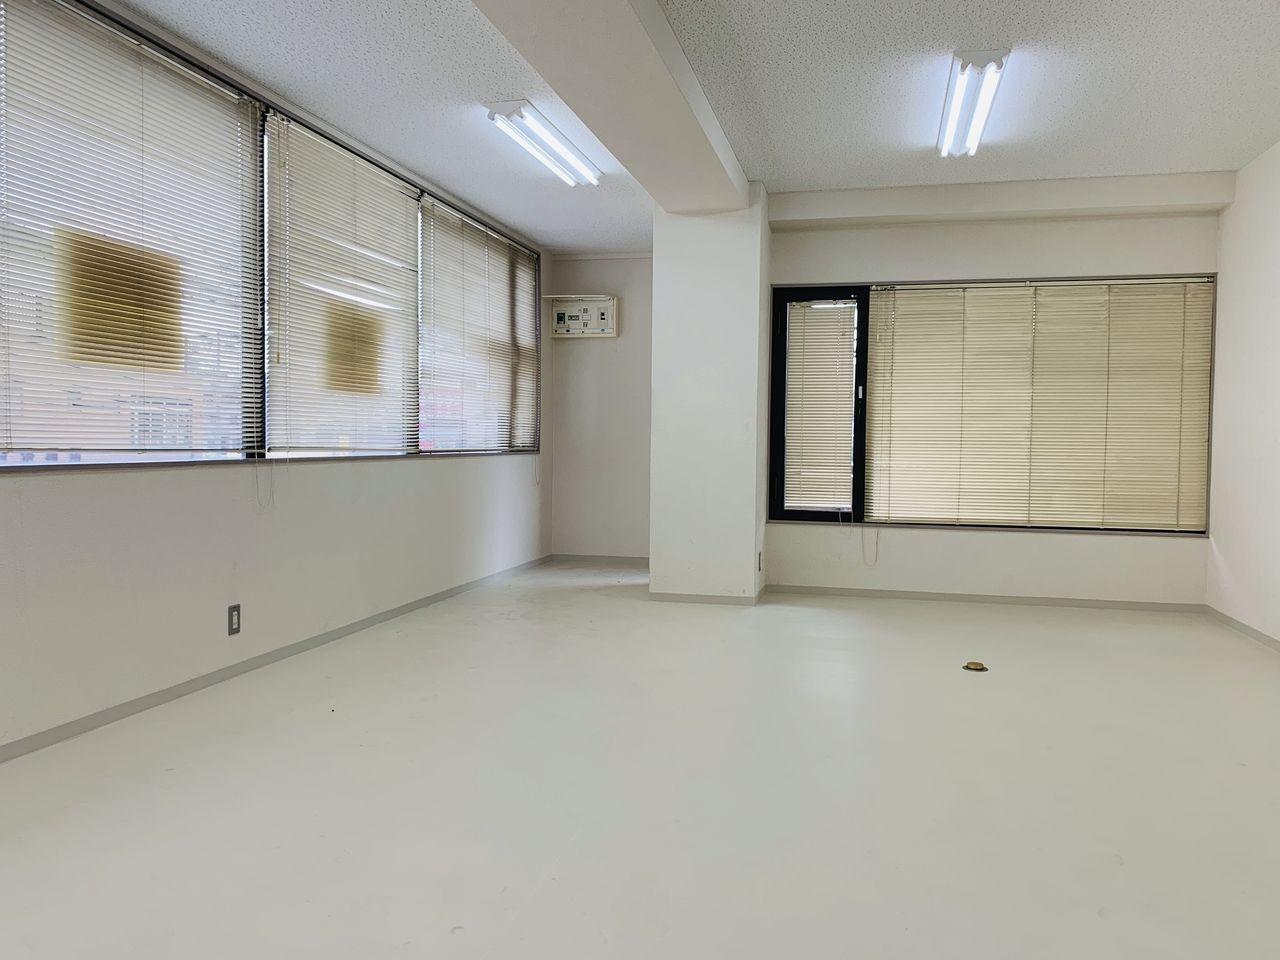 このままでも事務所として利用できますが、施主の要望でタイルカーペットを貼ることになりました。